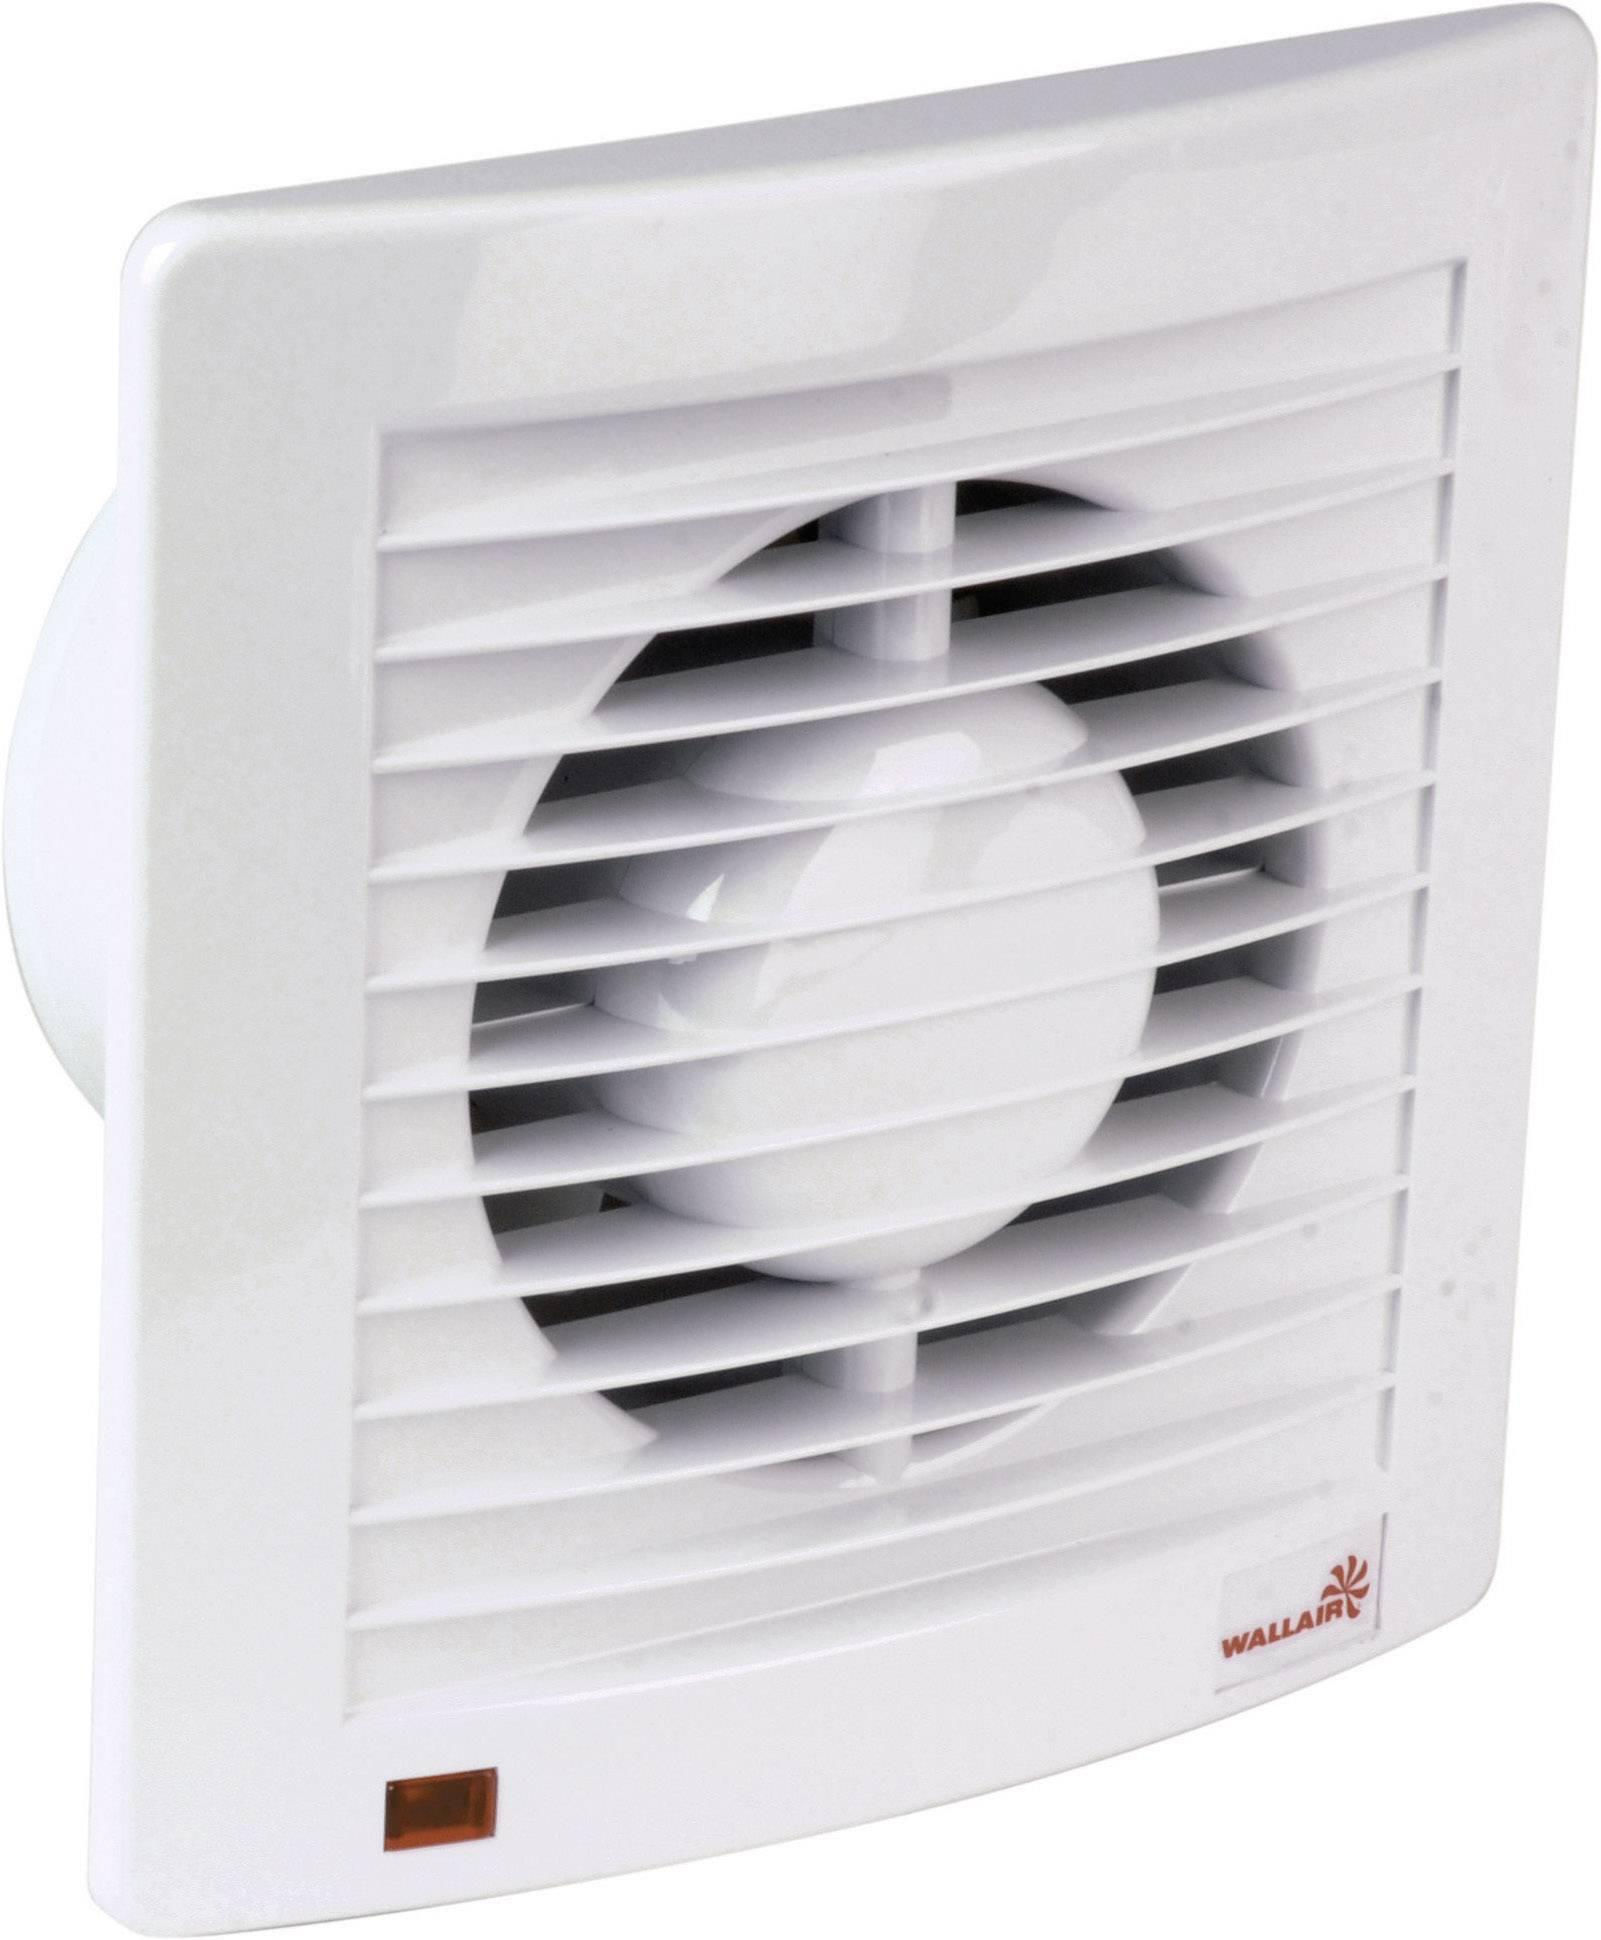 Nástenný a stropný ventilátor s časovačom Wallair W-Style 100 mm, biely